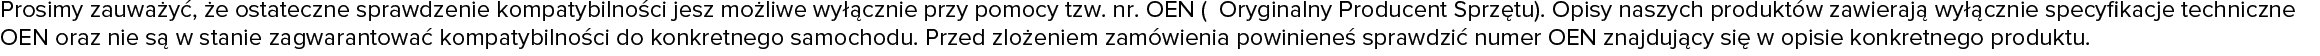 GSP 4154210100, A4154200102, 402024076R, 432004327R, 432023939R Tarcza hamulcowa